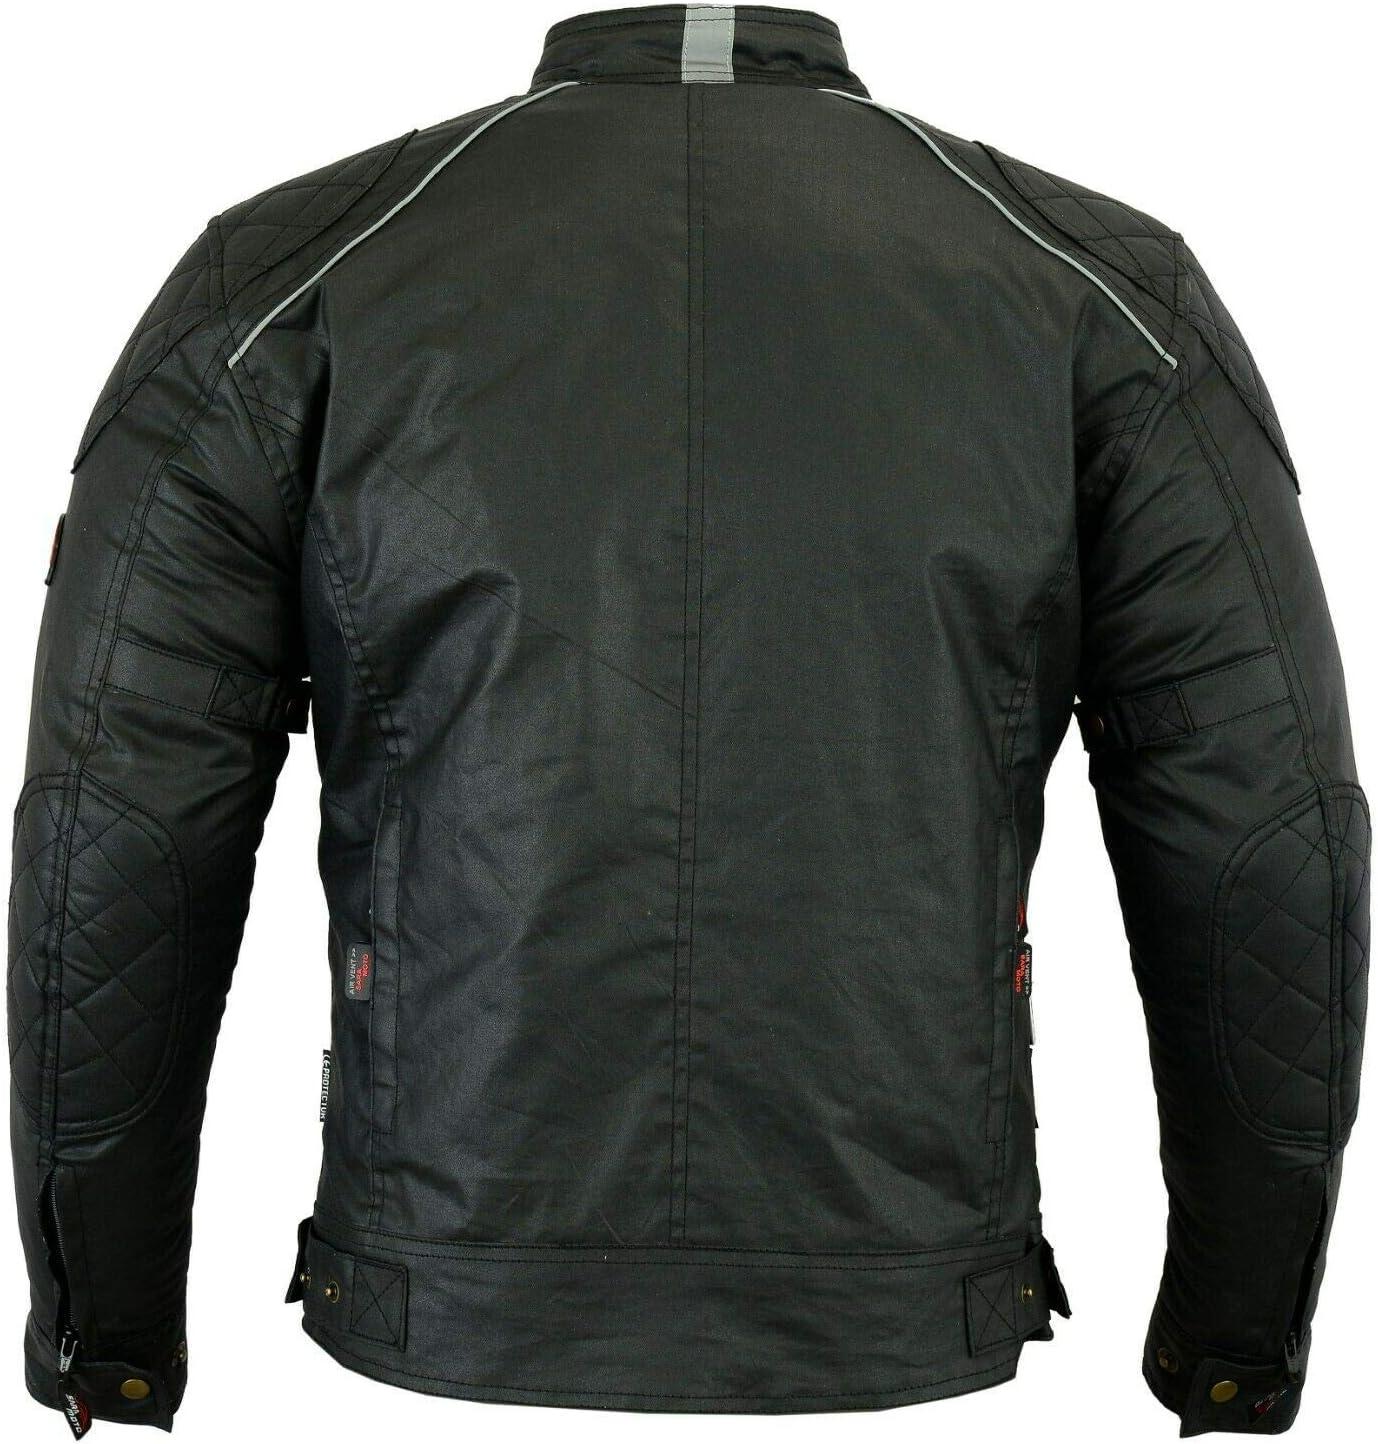 Chaqueta de moto para hombre textil blindado - Diseño exclusivo moto multifunción características color negro: Amazon.es: Coche y moto